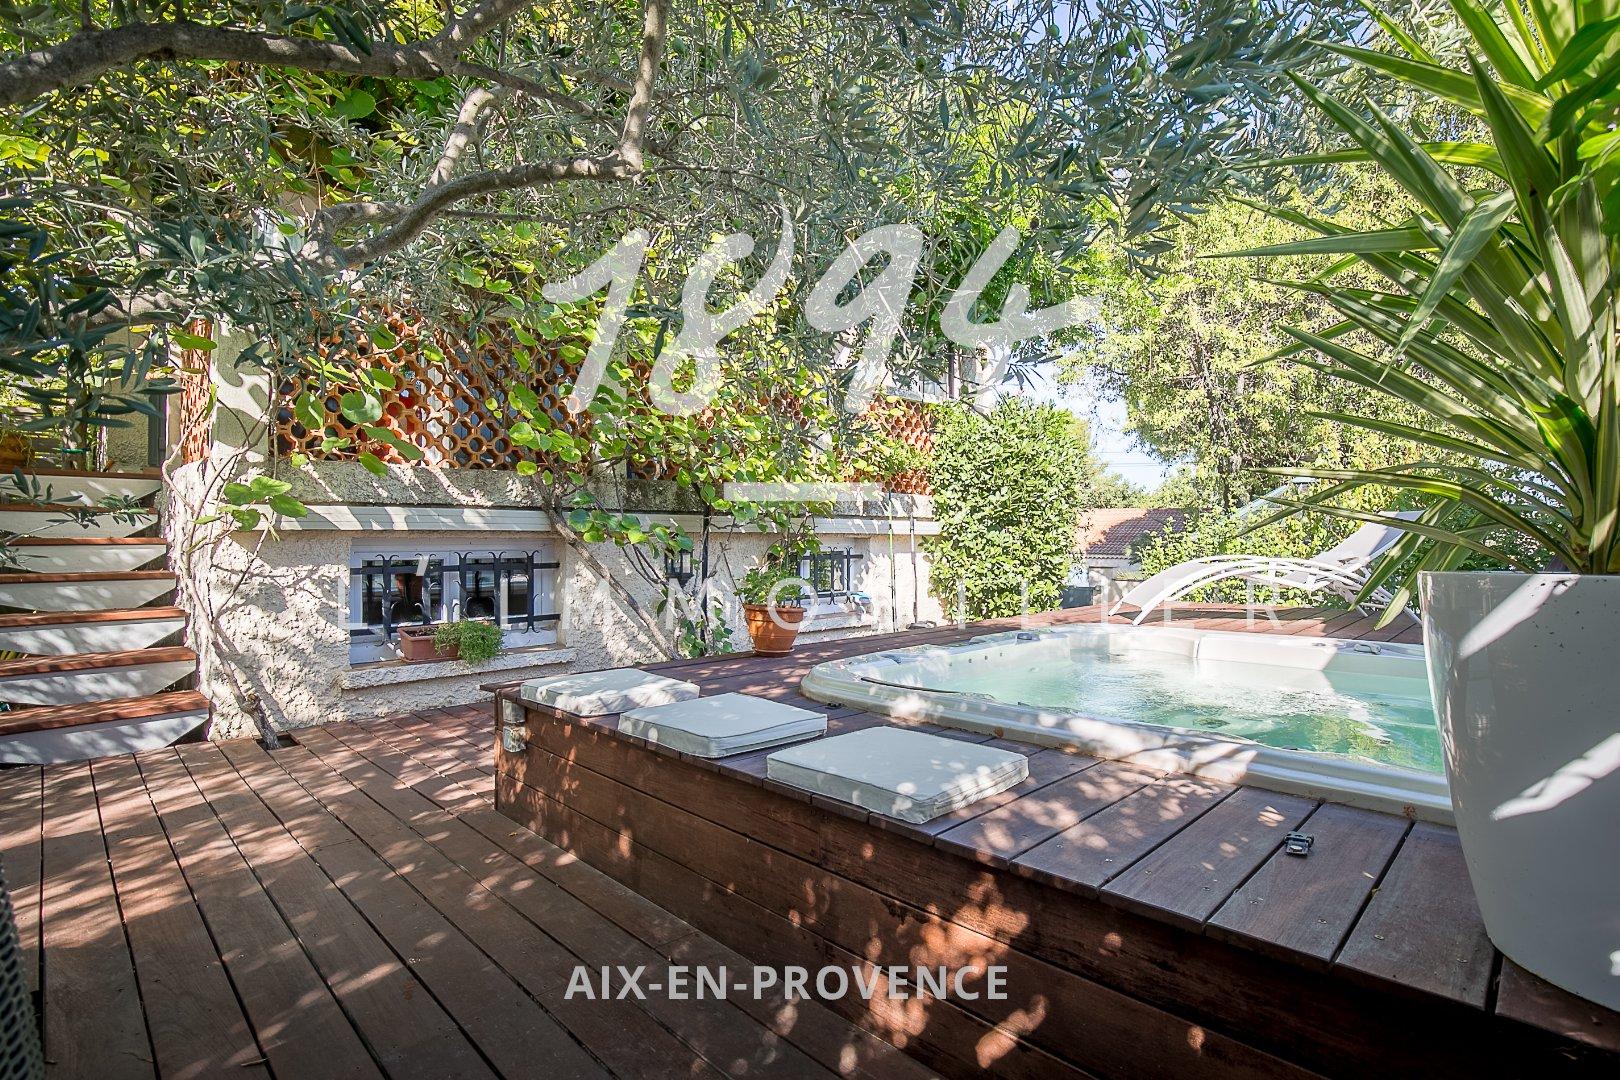 Maison d'environ 185 m2 avec garage et jardin paysagé.